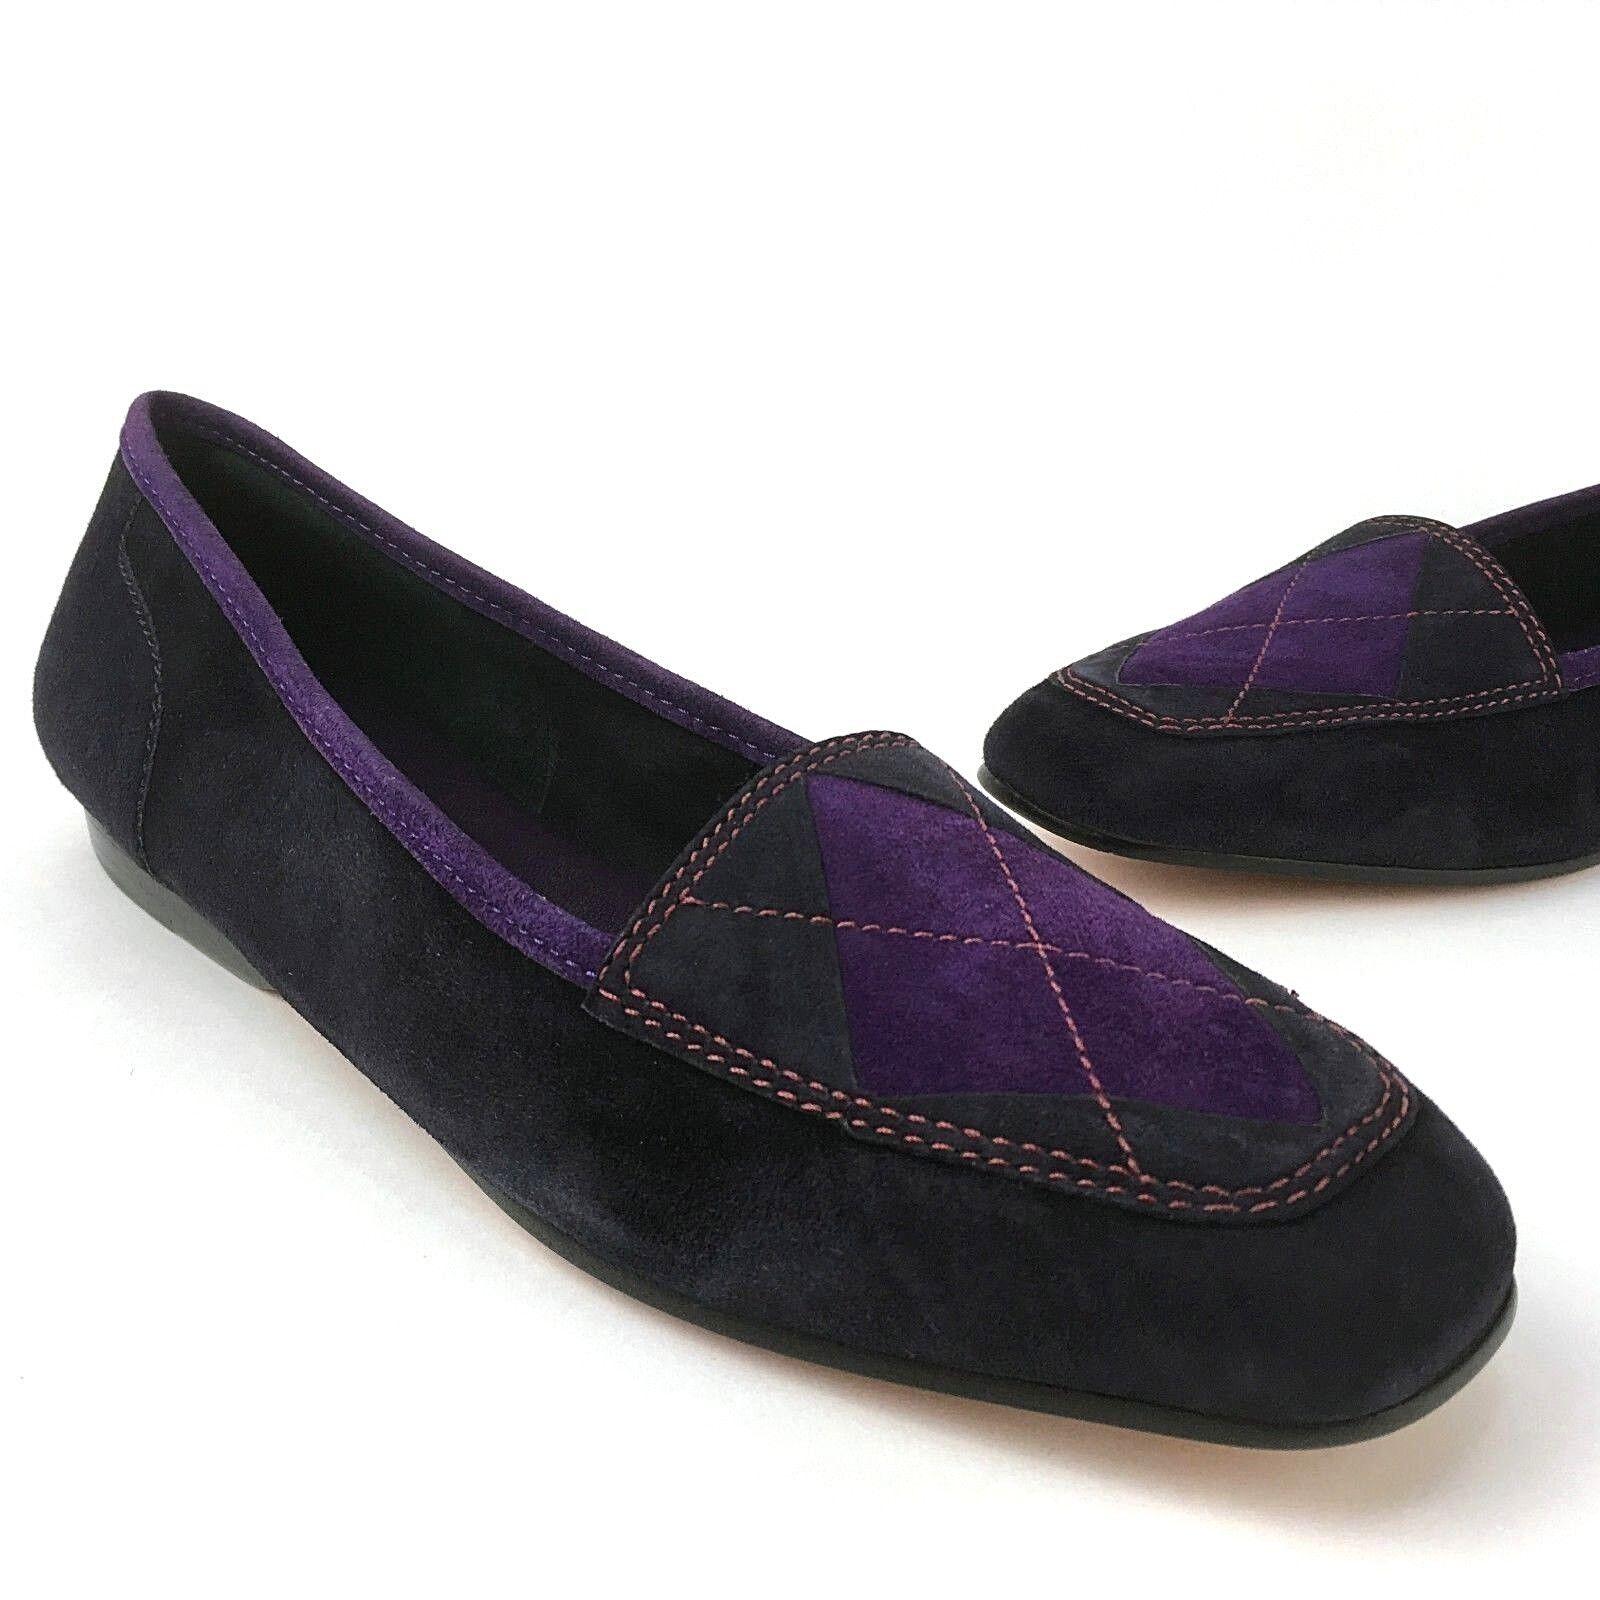 Nouveau vintage Enzo Angiolini 7 M balucas violet Argyle en Cuir Suédé Mocassins Flats